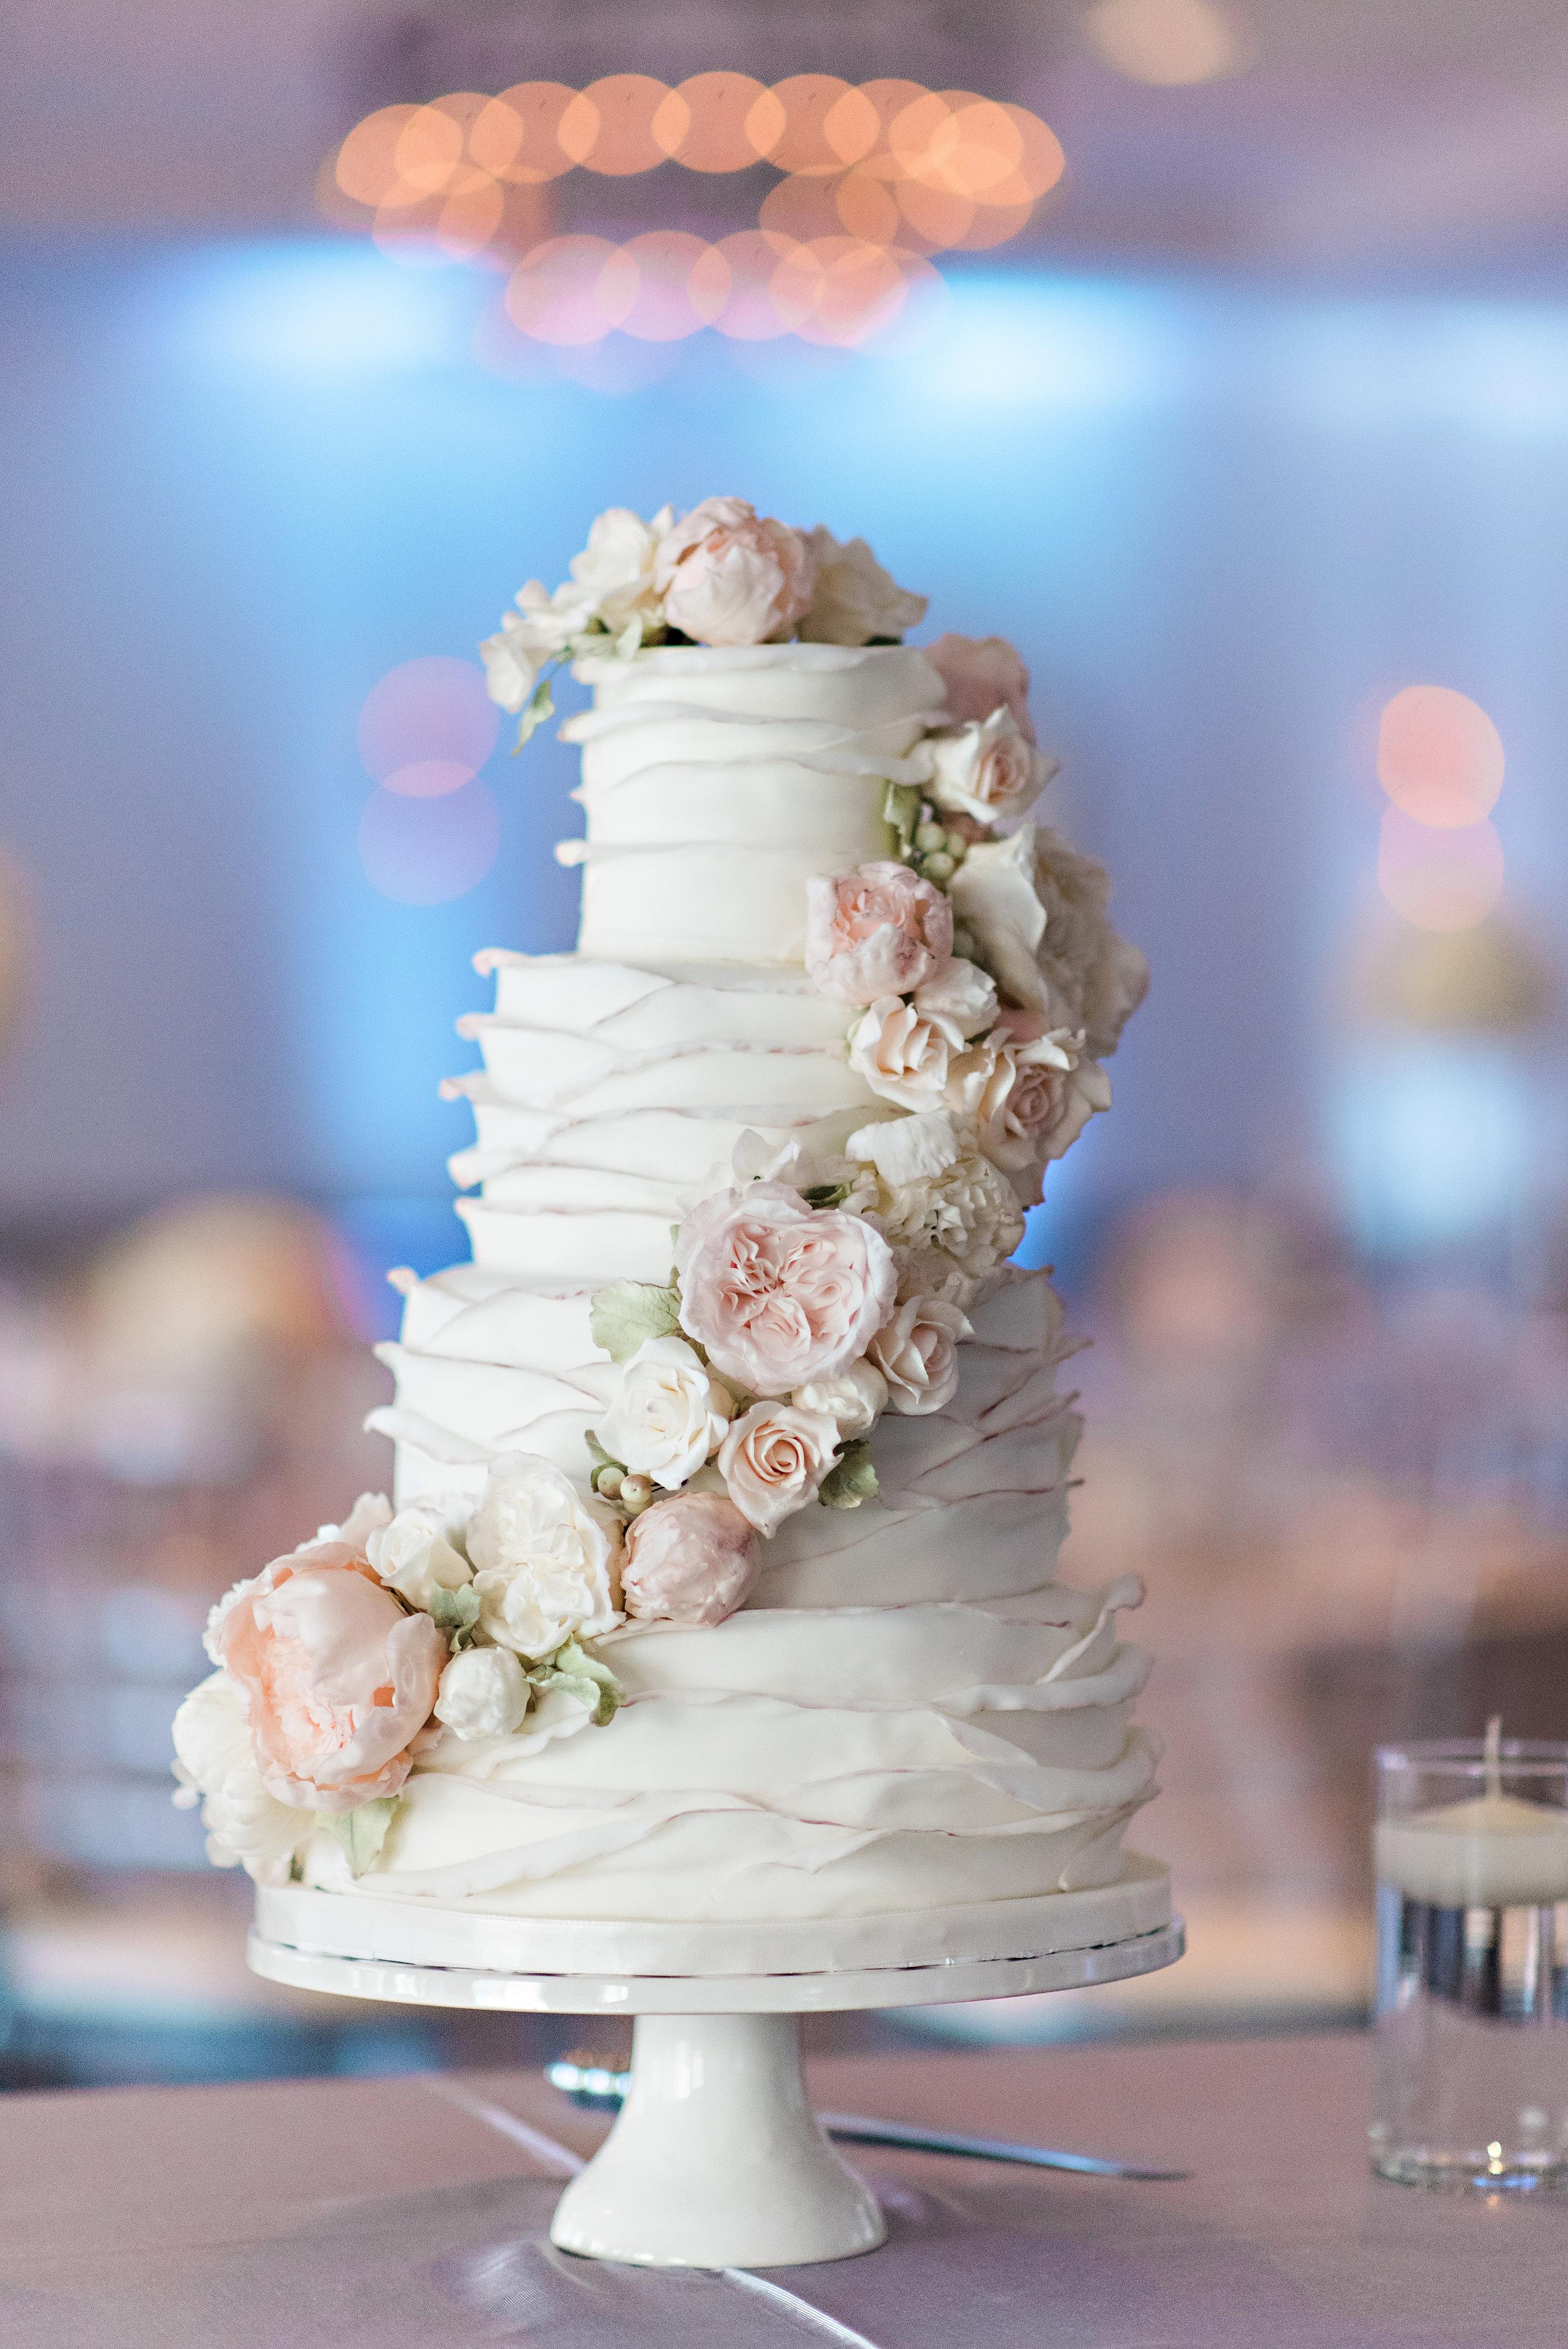 White fondant ruffled wedding cake with cascading sugar flowers